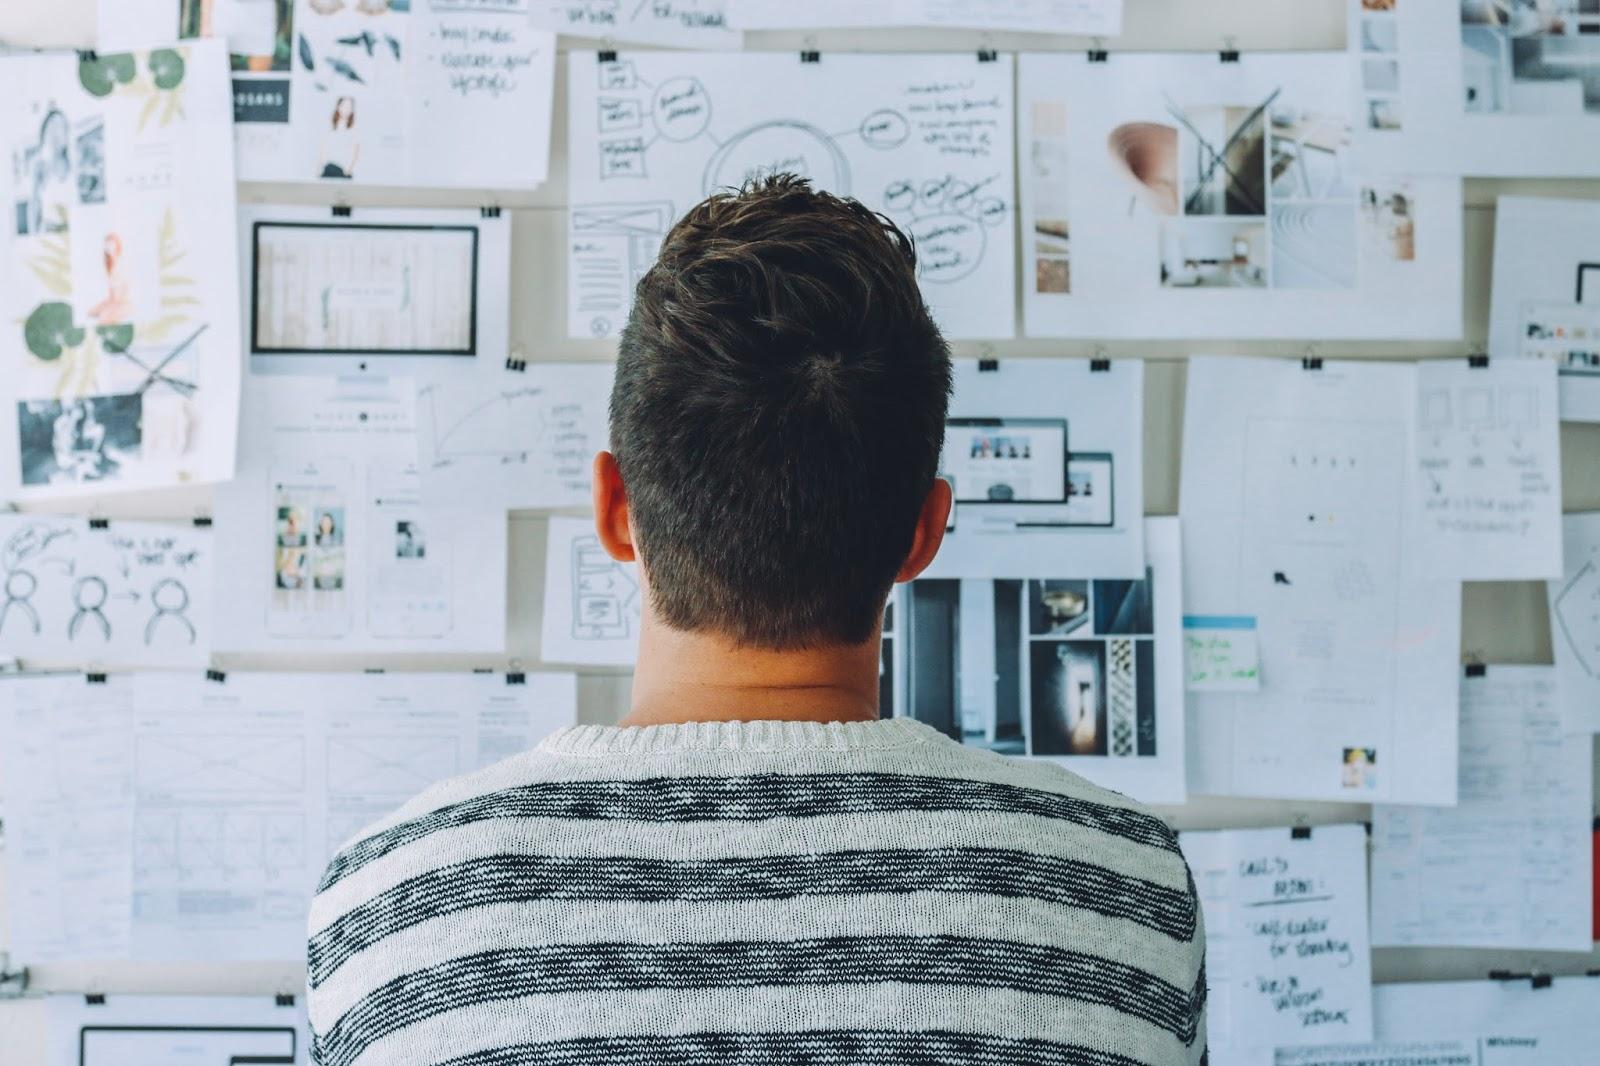 organizacja planowanie inspiracje cel smart sukces